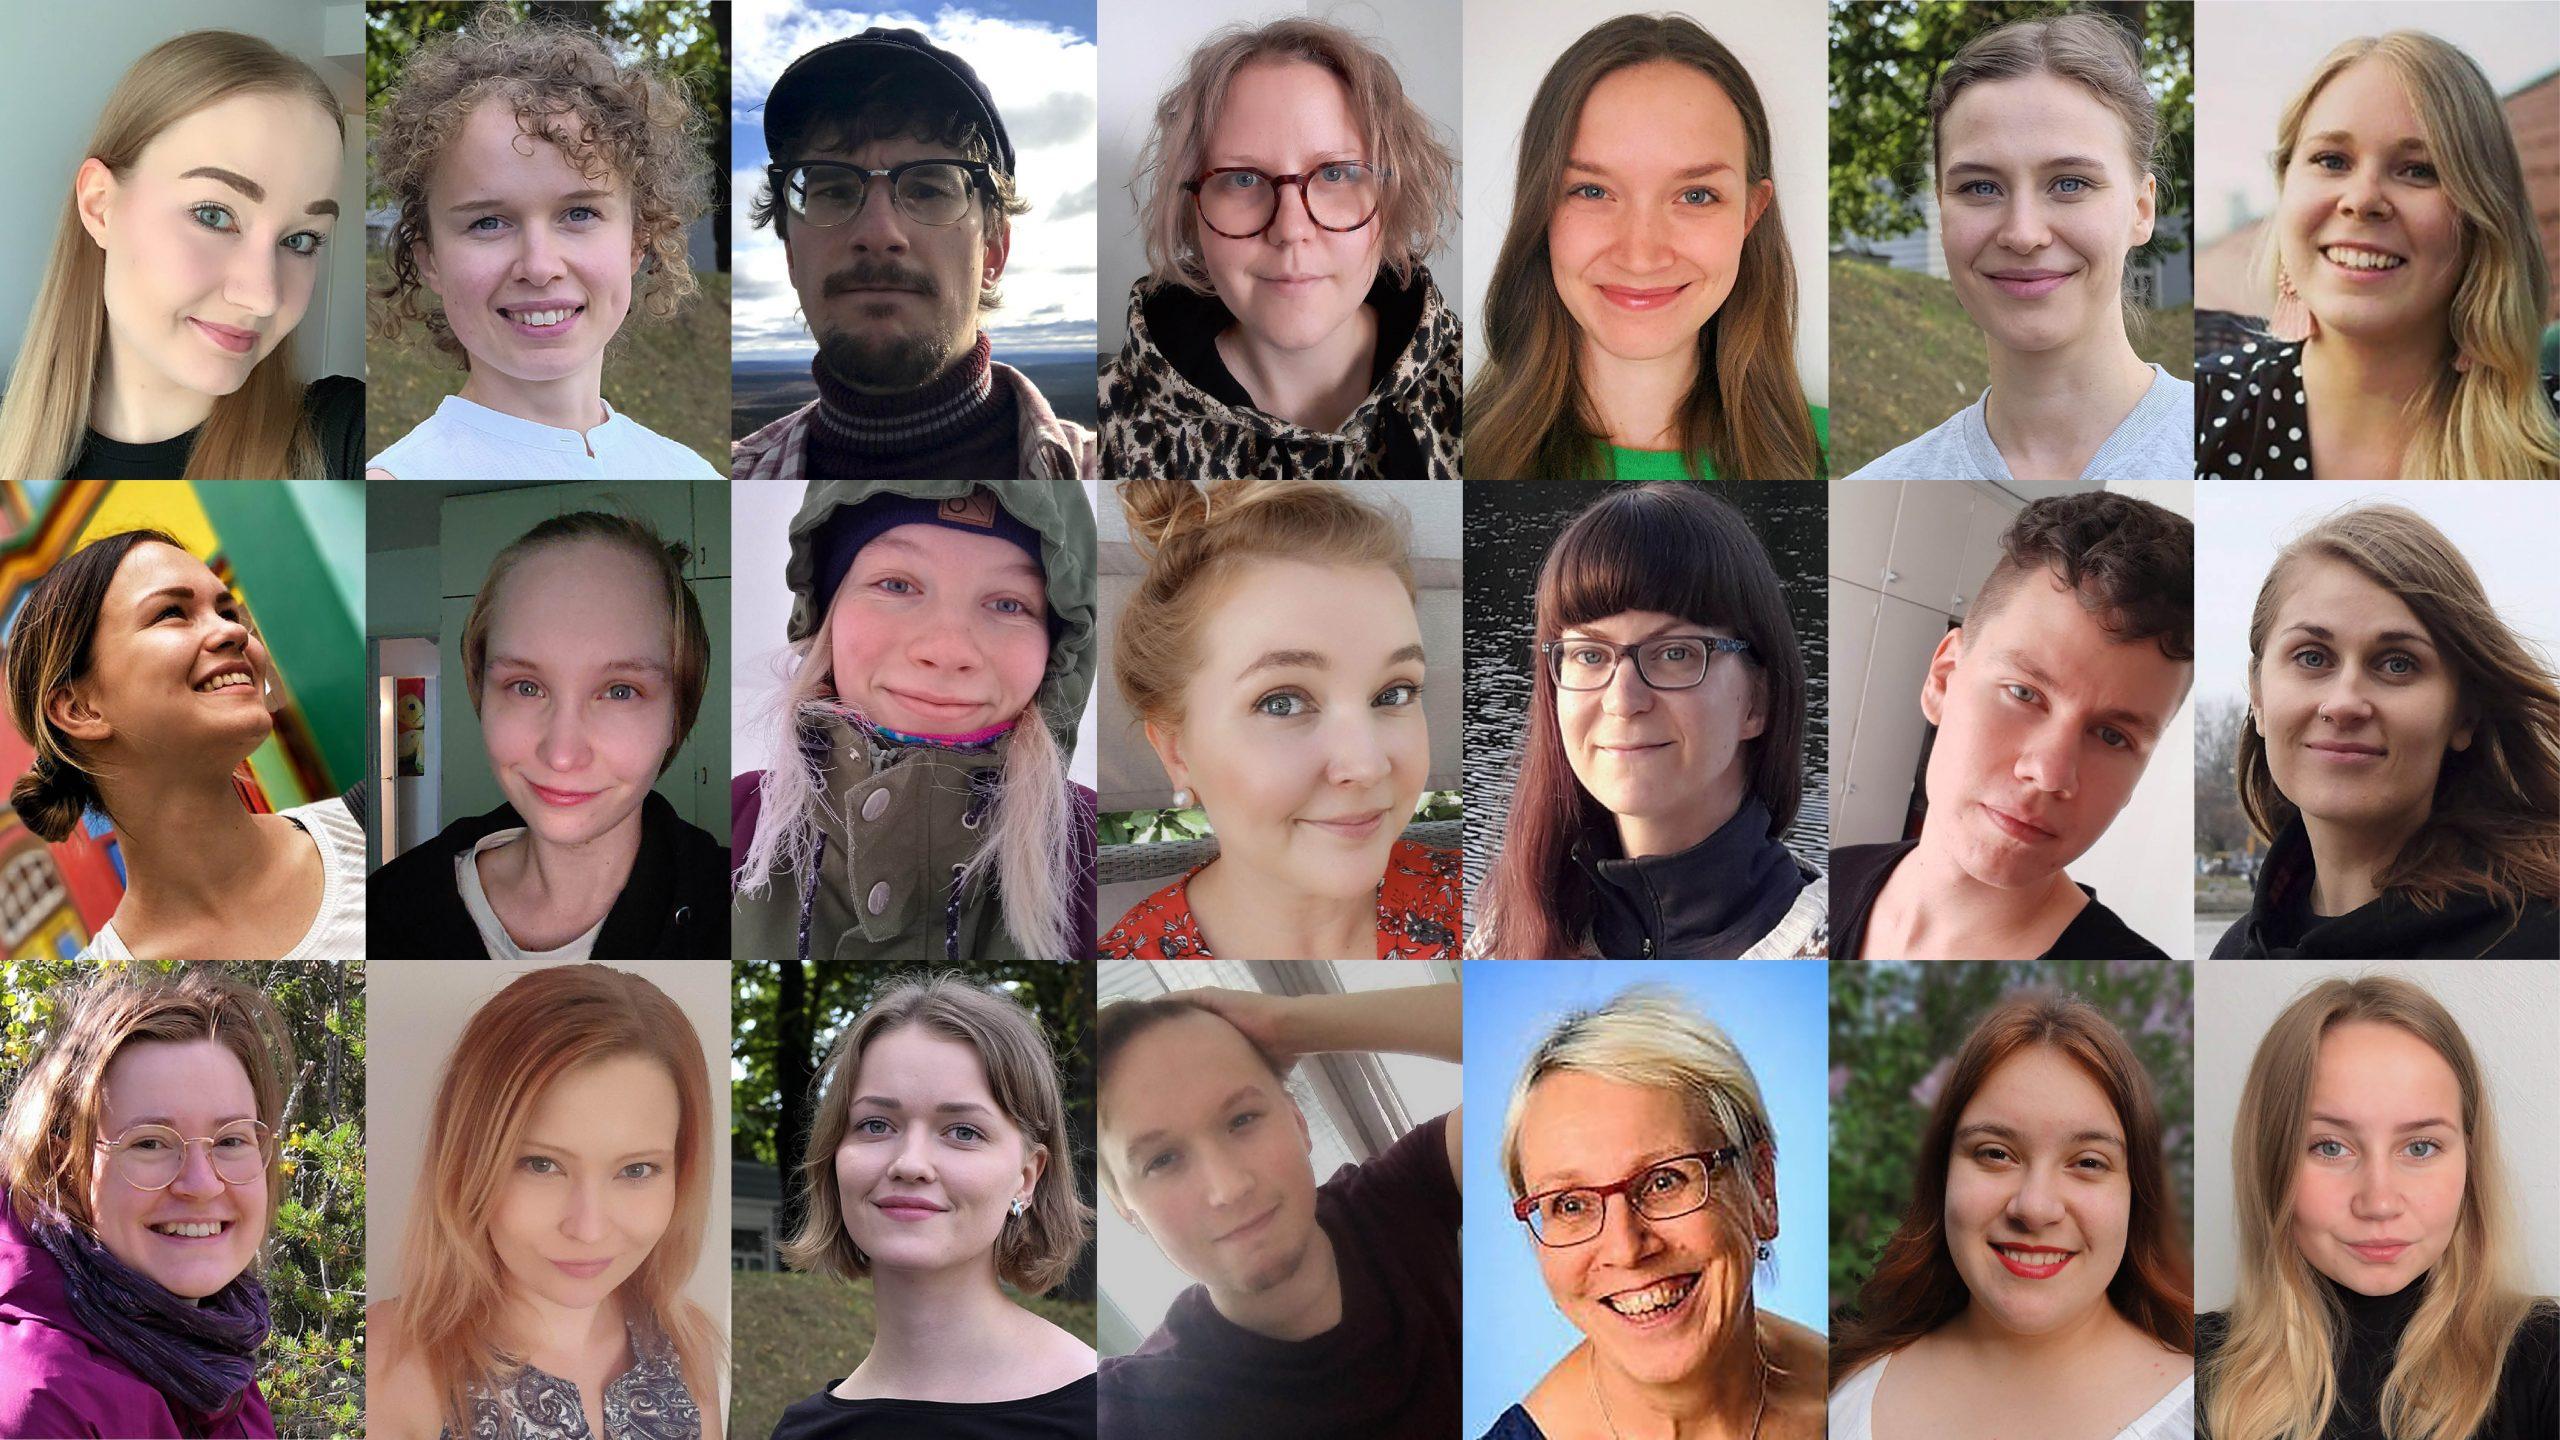 Kuvakollaasissa vapaaehtoiset eli 21 hymyilevän henkilön kasvokuvat.